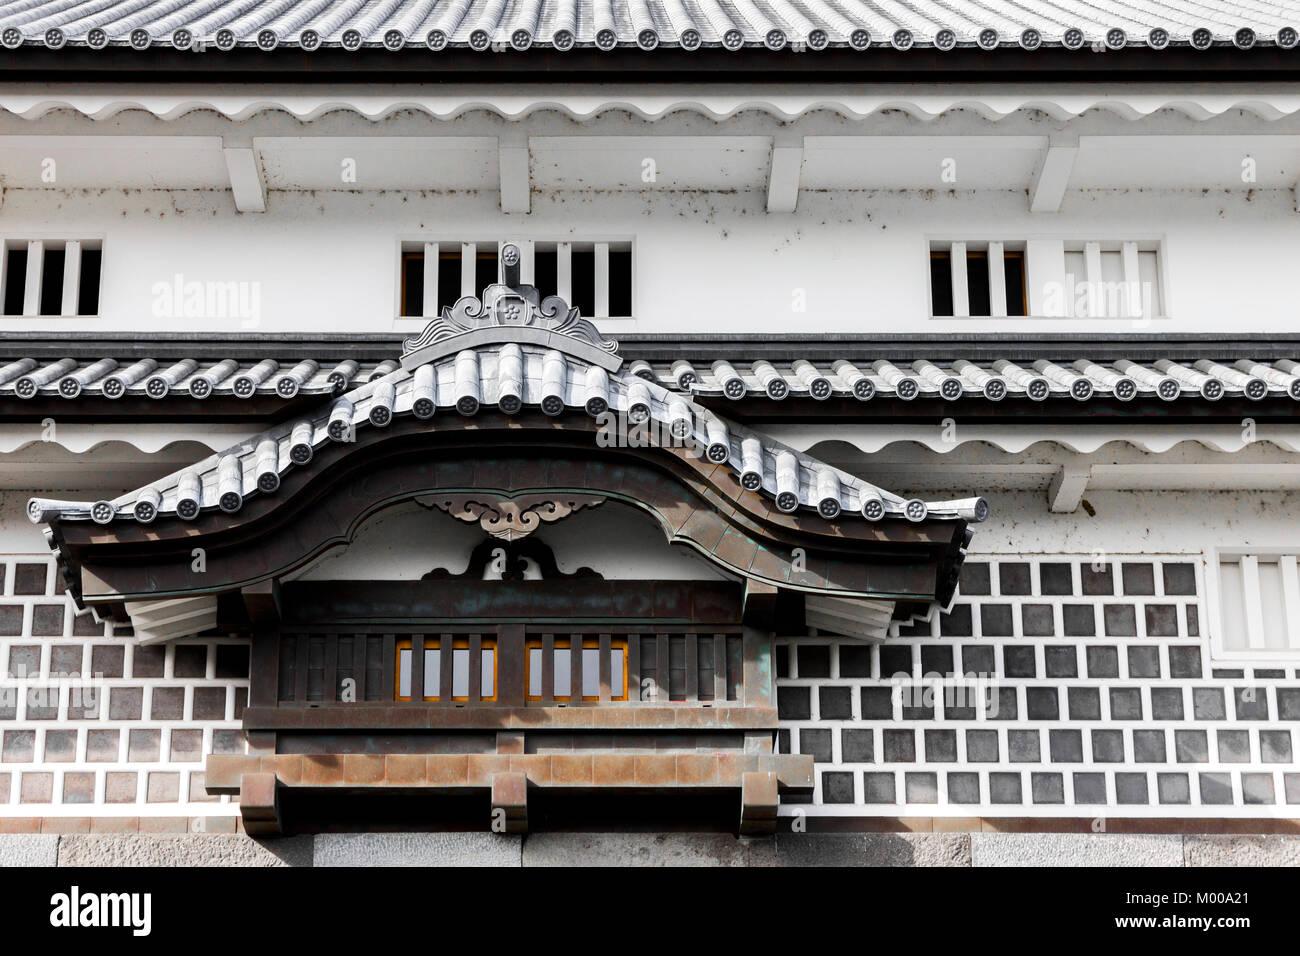 Woman Kanazawa